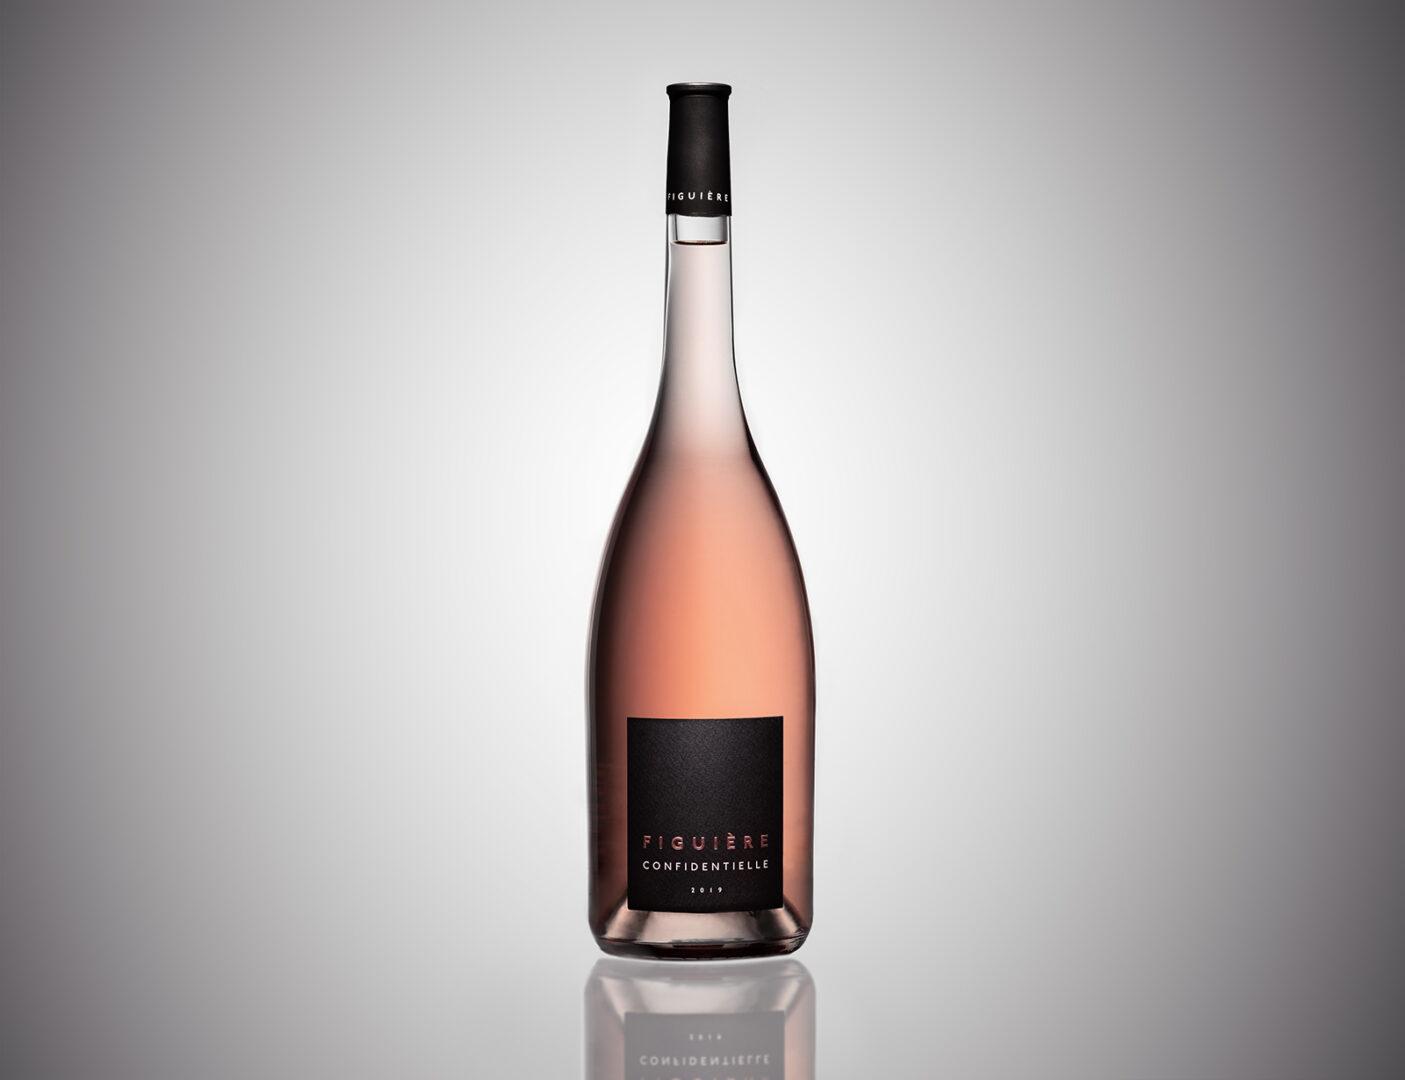 figuiere-confidentille-vino-rosado-wine-provenza-alpes-costa-vinatis-fotografia-producto-publicitaria-estudio